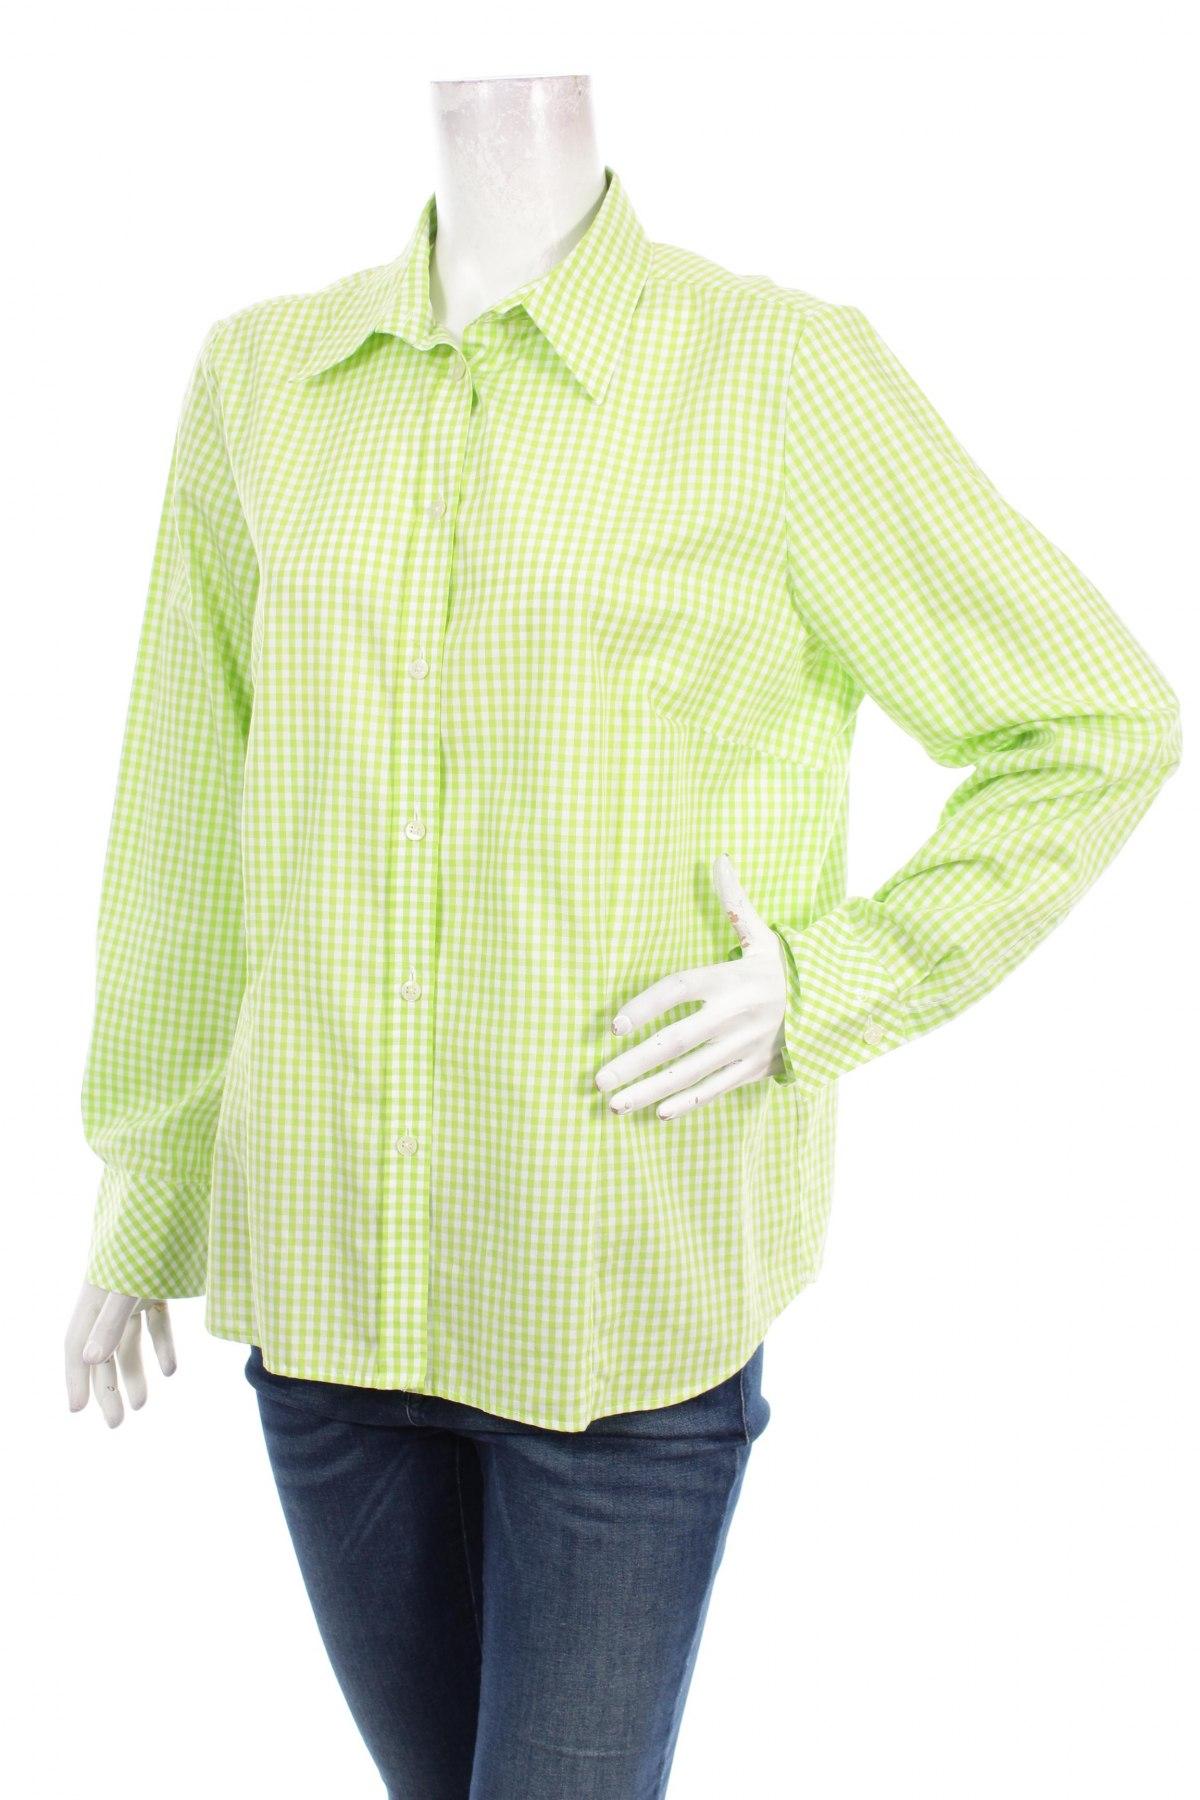 Γυναικείο πουκάμισο Eterna, Μέγεθος XL, Χρώμα Πράσινο, 100% βαμβάκι, Τιμή 16,70€